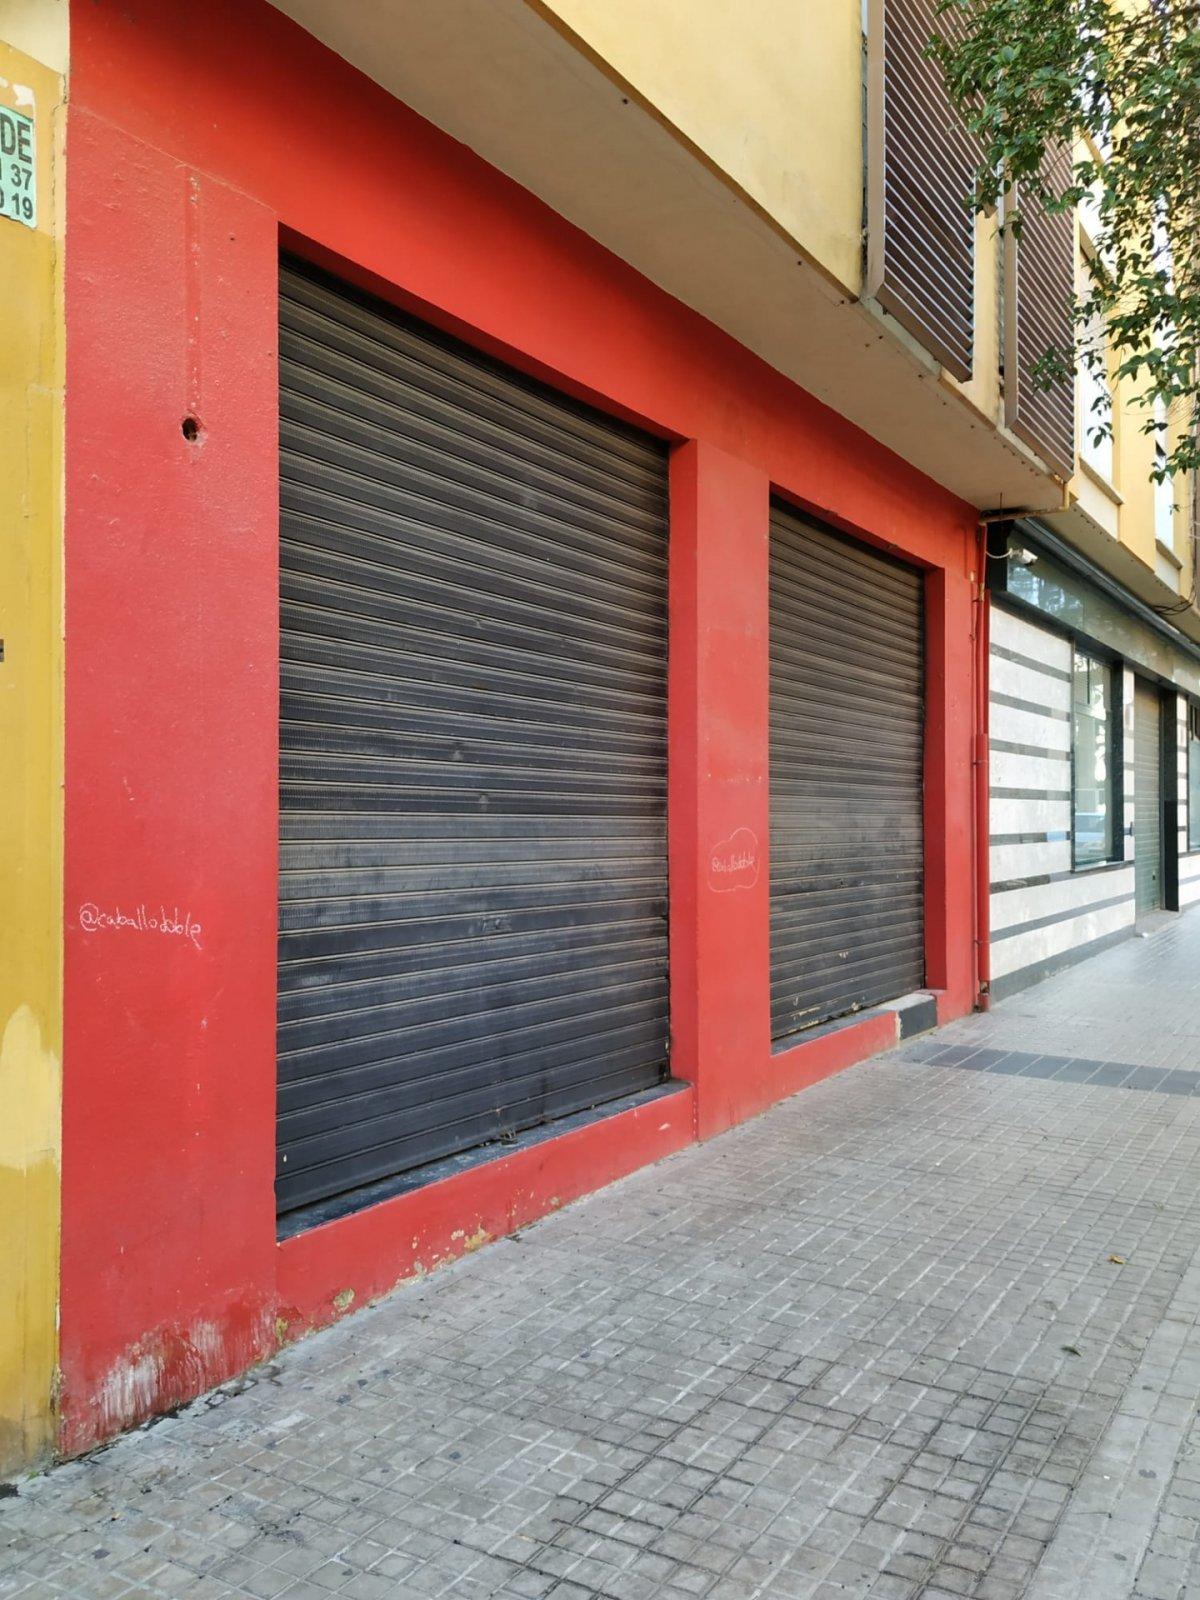 Local Comercial · Valencia · Camí Reial 110.000€ / 550€ MES€